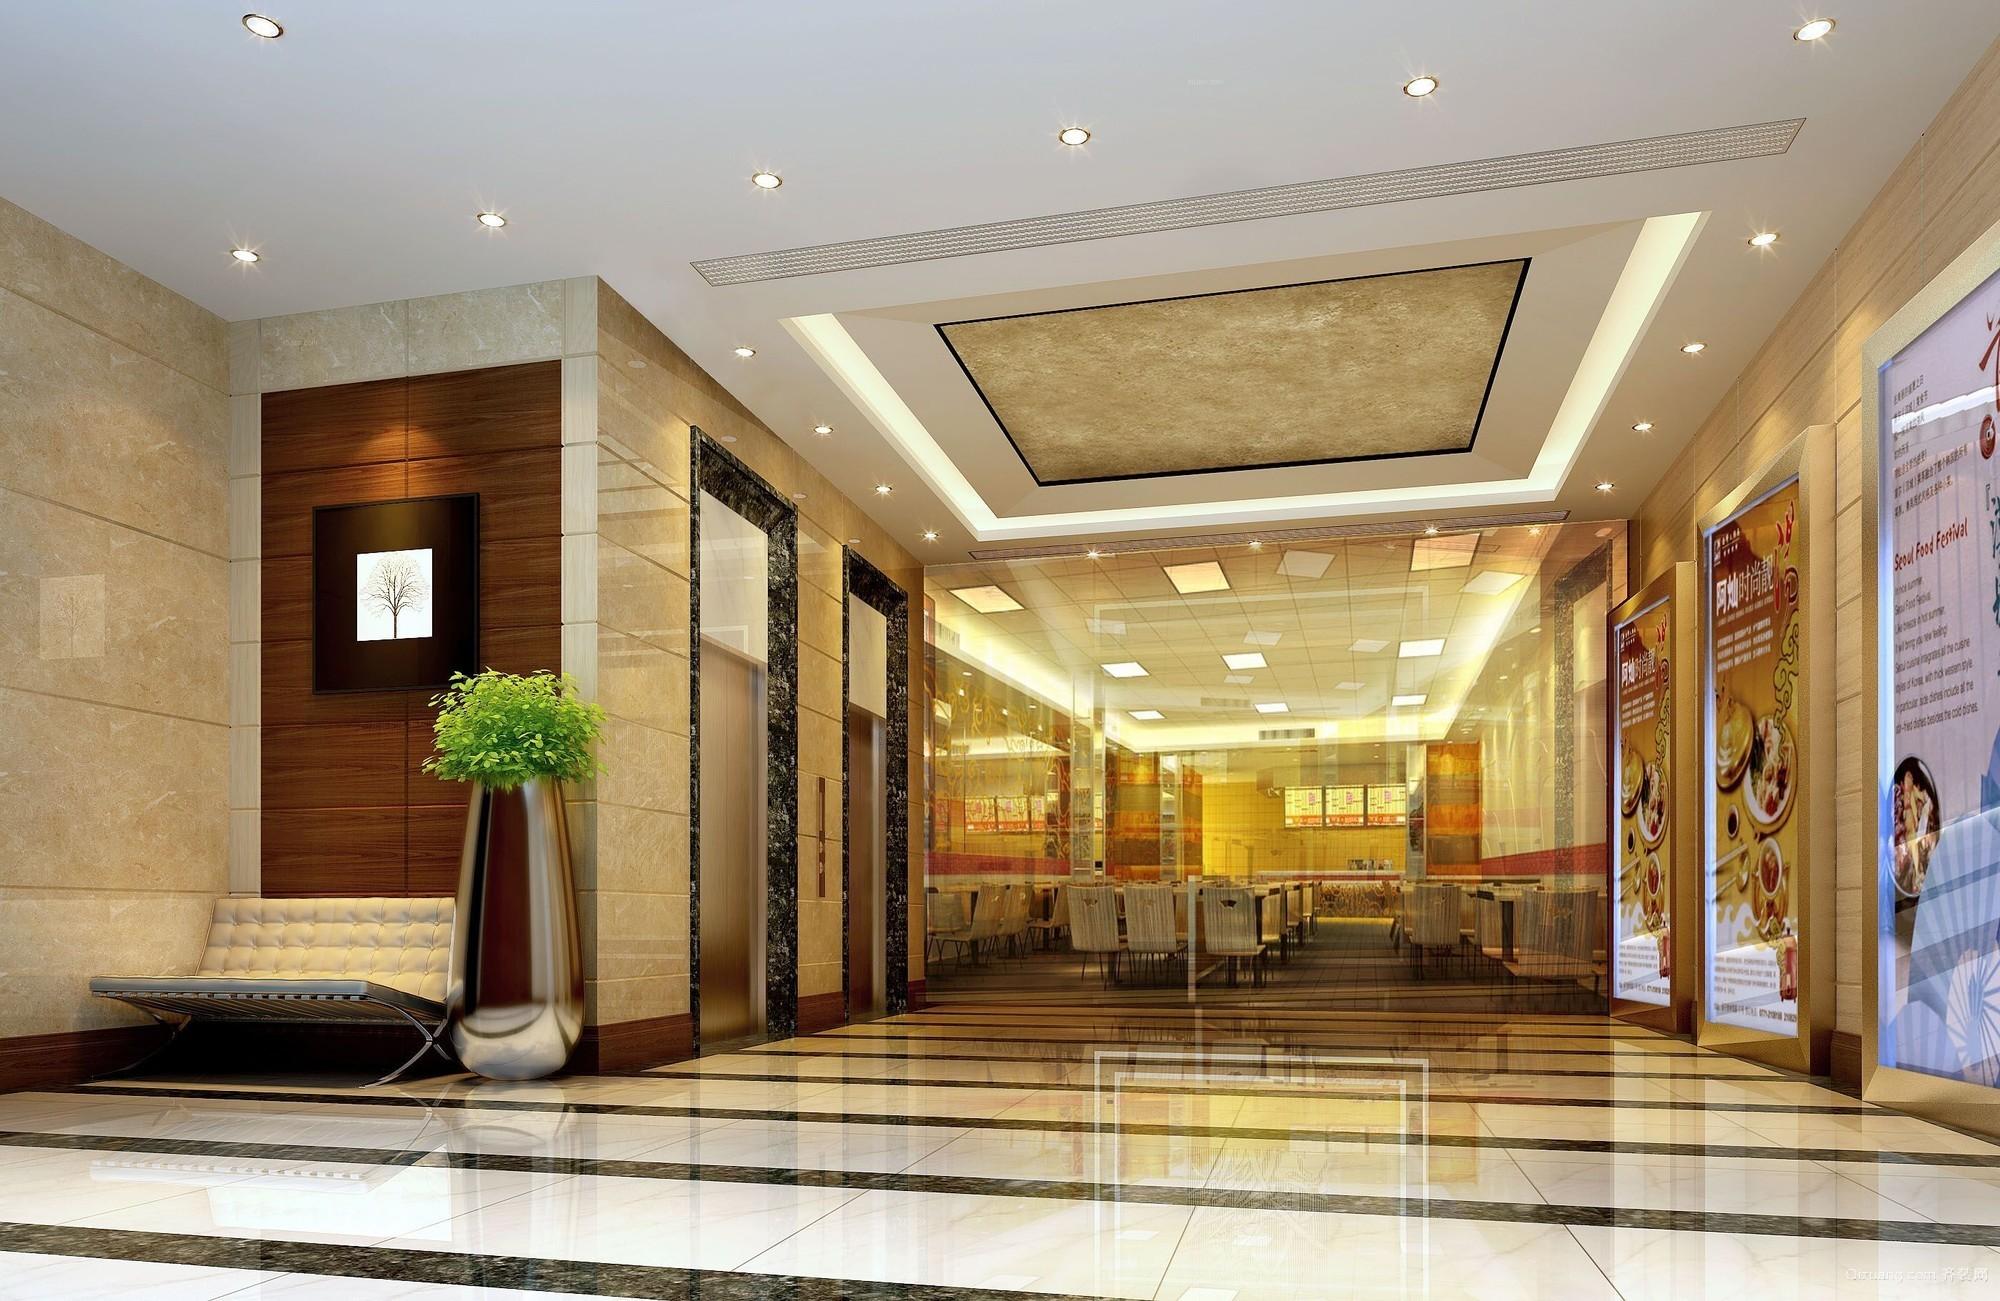 汕头市帝豪宾馆现代简约装修效果图实景图